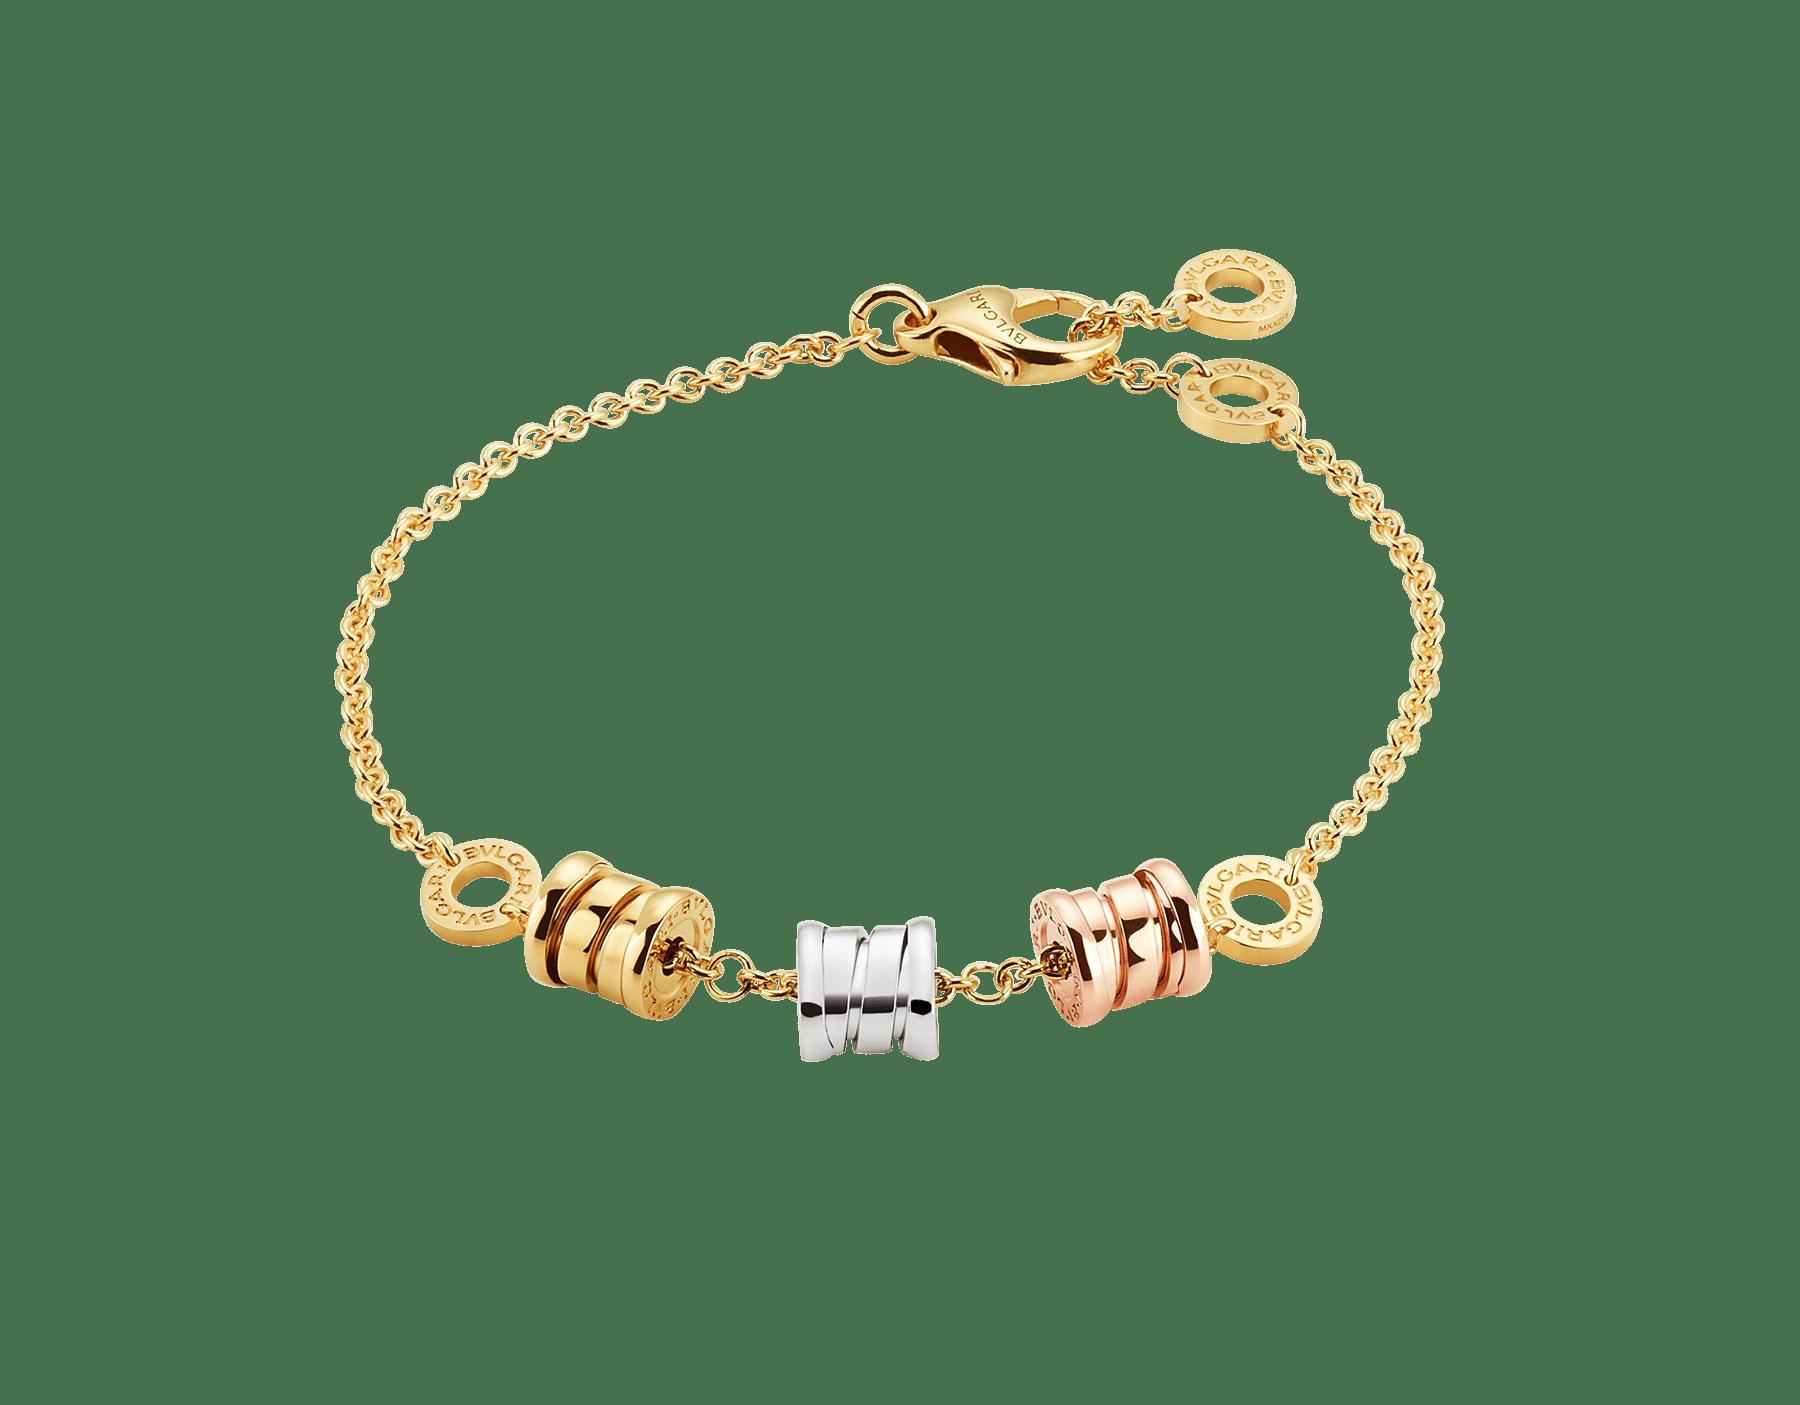 Composé d'une chaîne souple et de trois spirales dans toutes les nuances d'or, le bracelet B.zero1 révèle son esprit contemporain à travers un design original et des associations de couleurs inattendues. BR853666 image 1